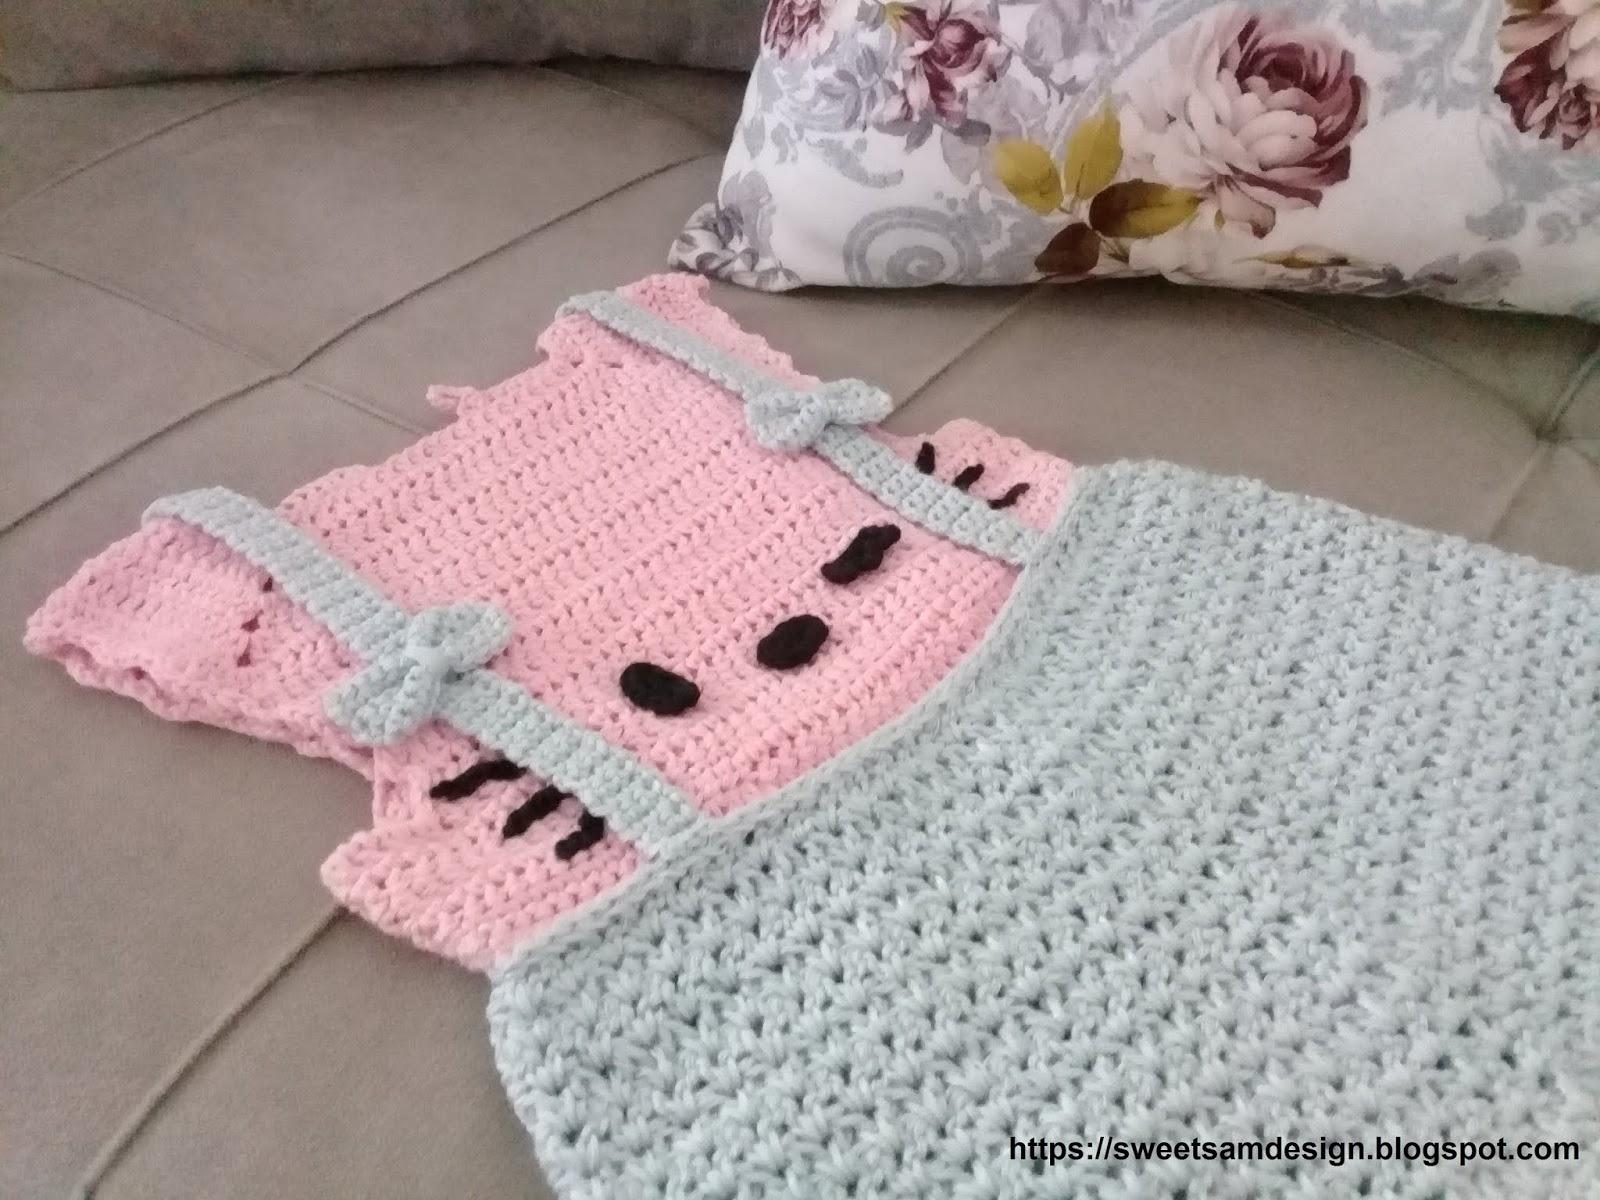 Cute HELLO KITTY Baby Dress Free Crochet Pattern